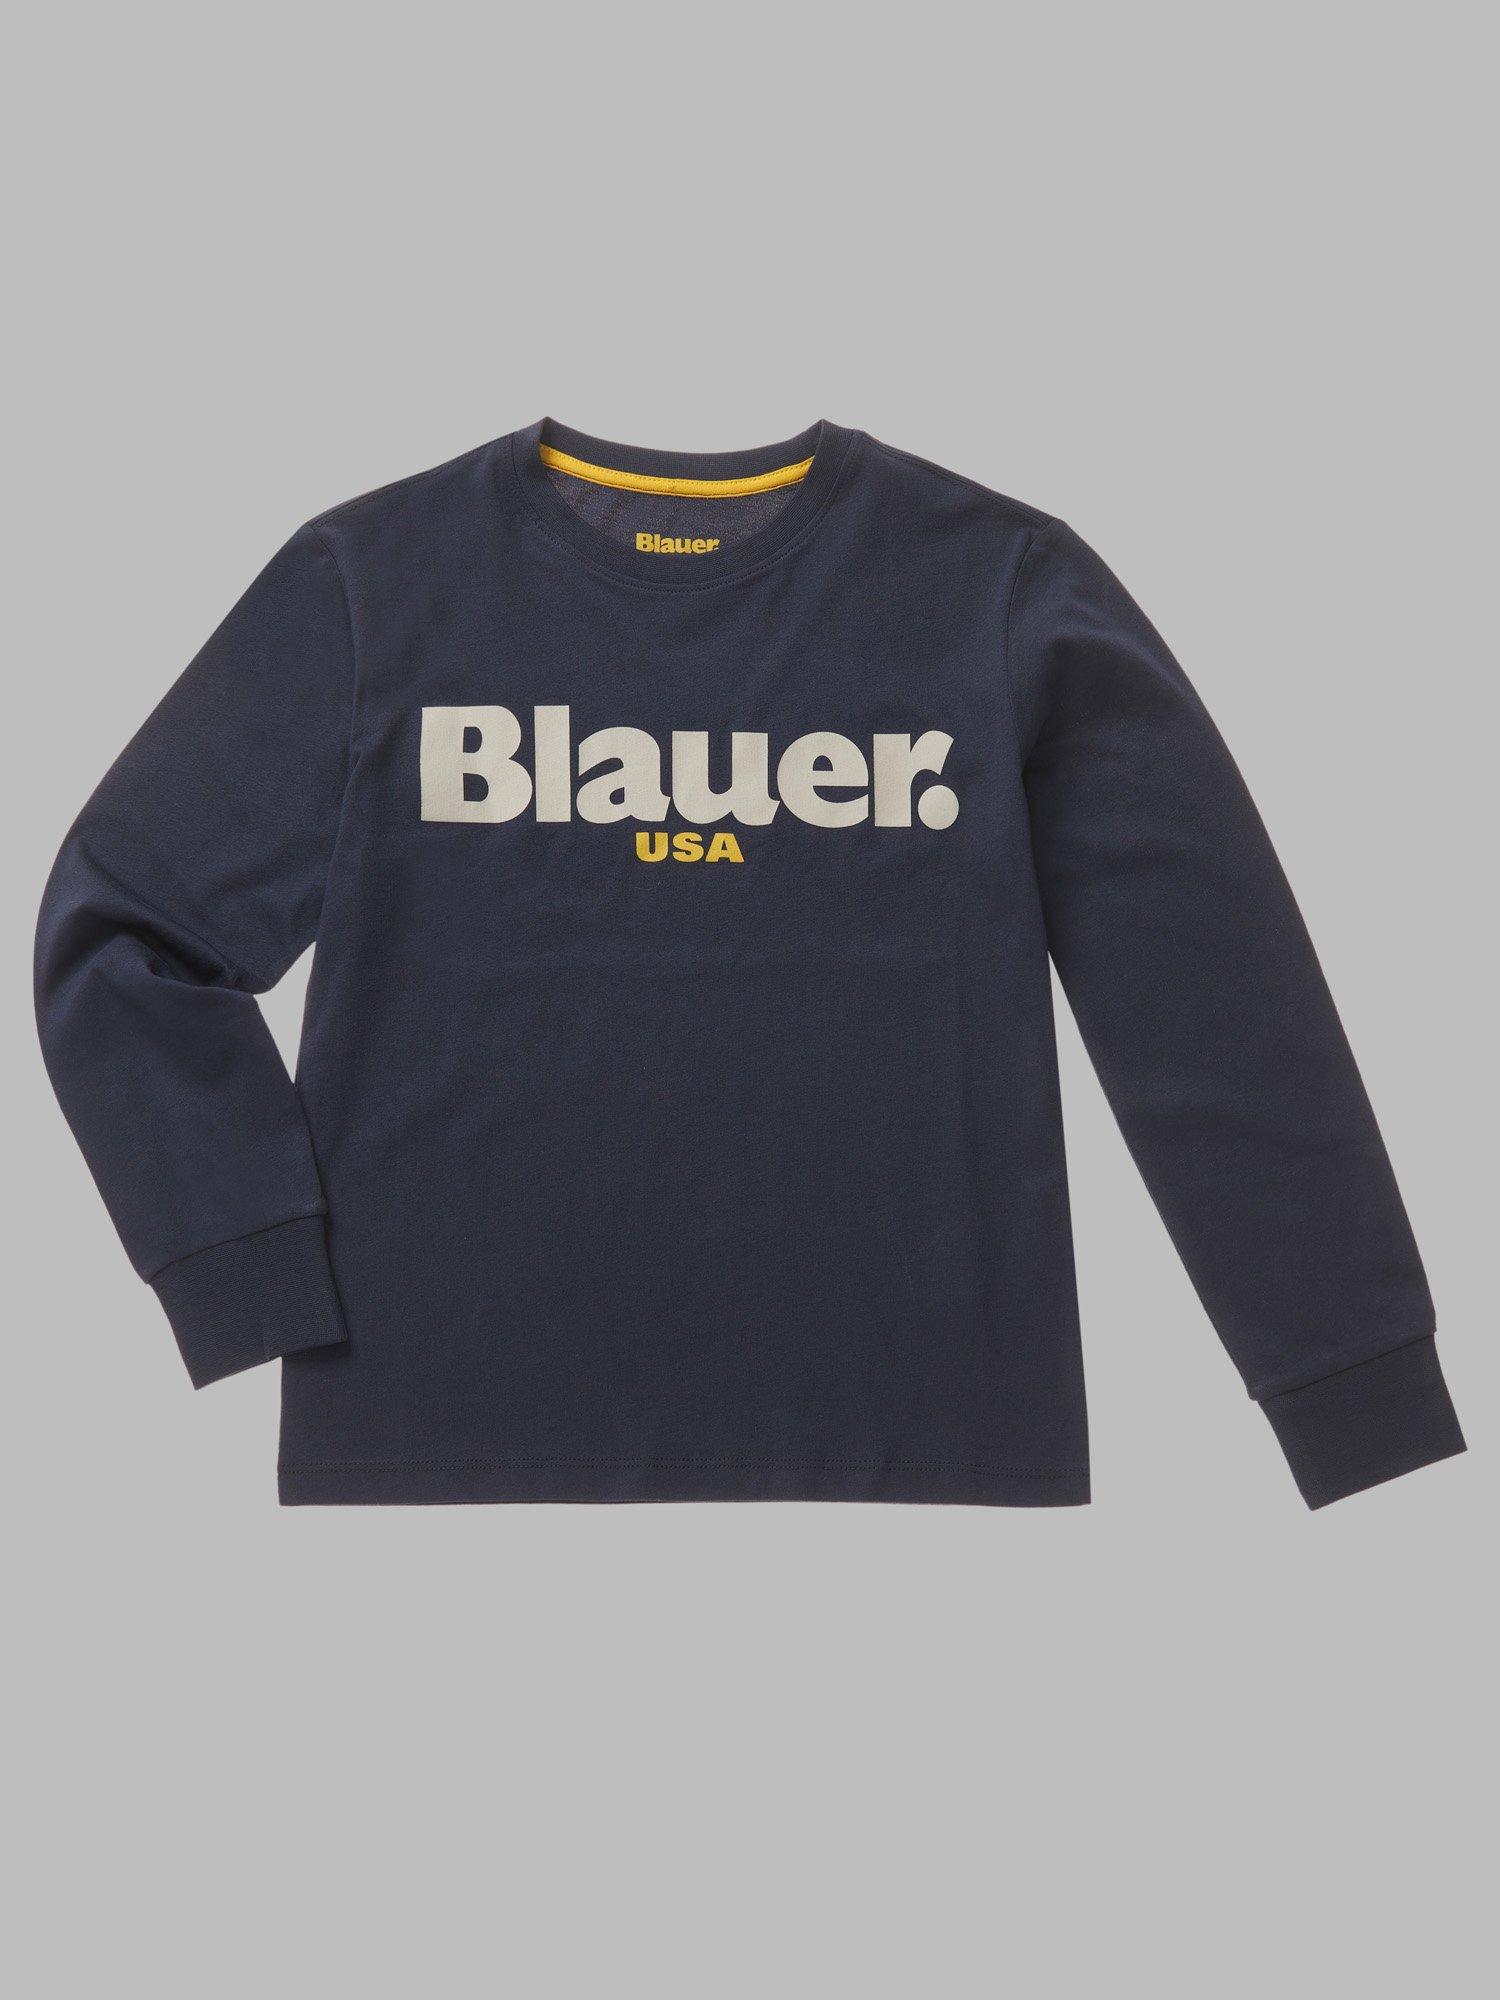 CAMISETA BLAUER - Blauer